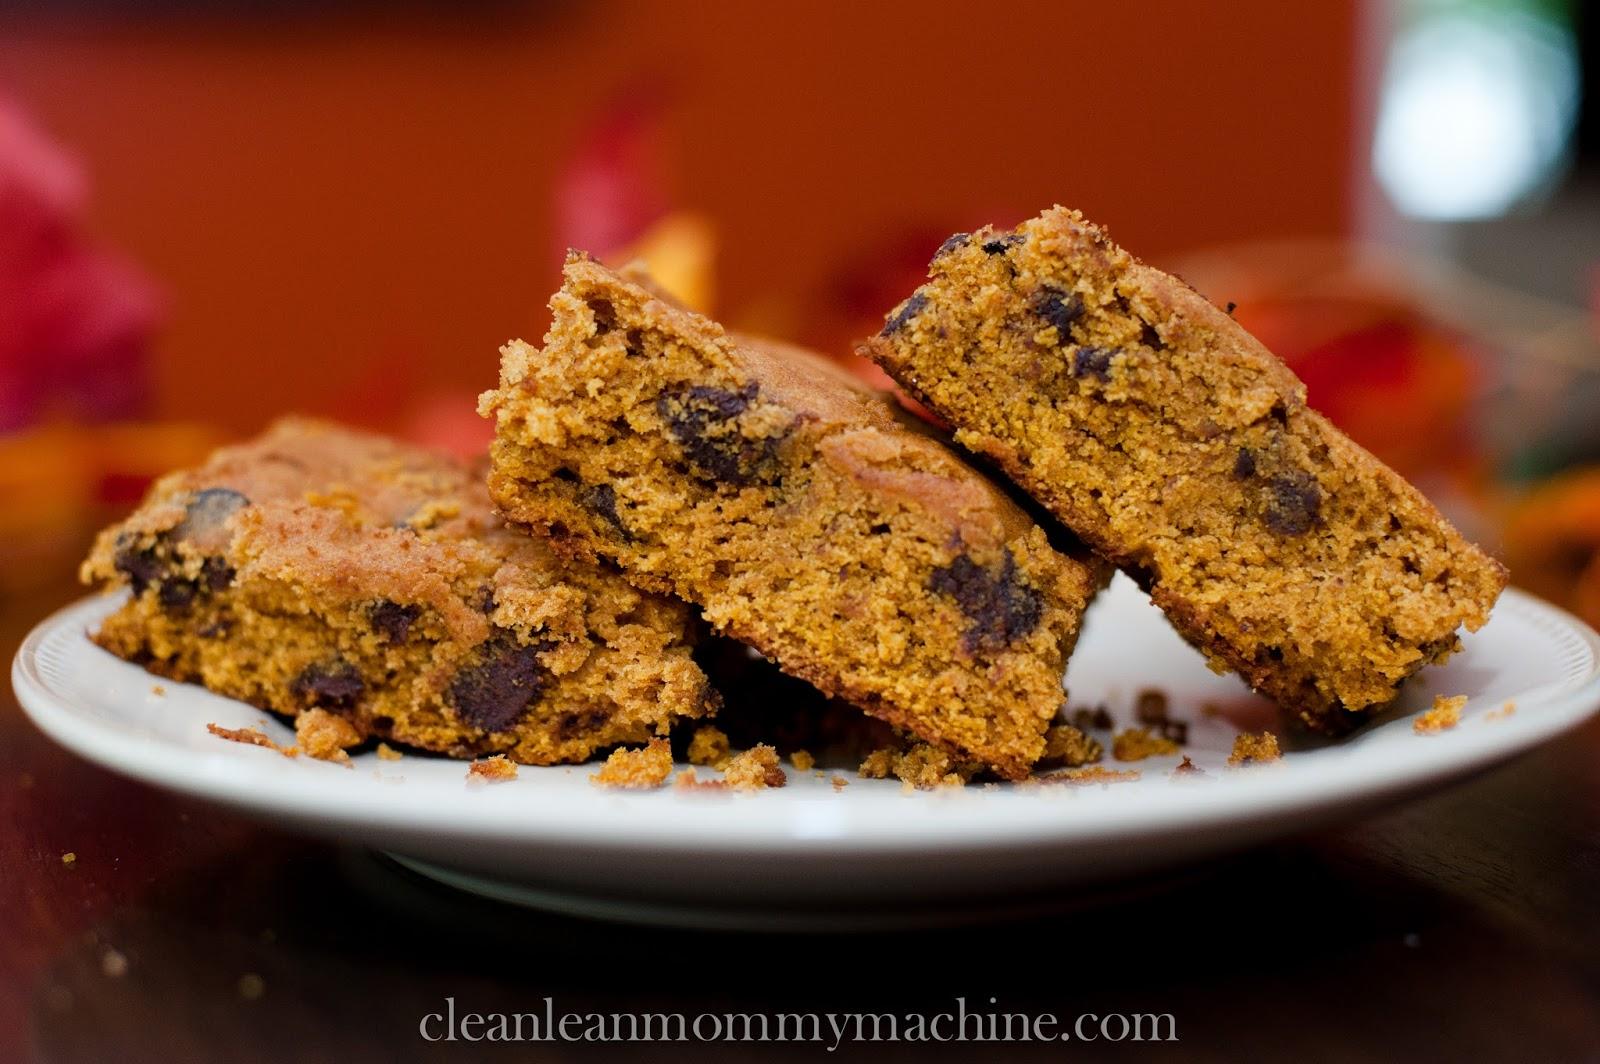 Clean Lean Mommy Machine: Healthilicious Pumpkin Chocolate Chip Bars